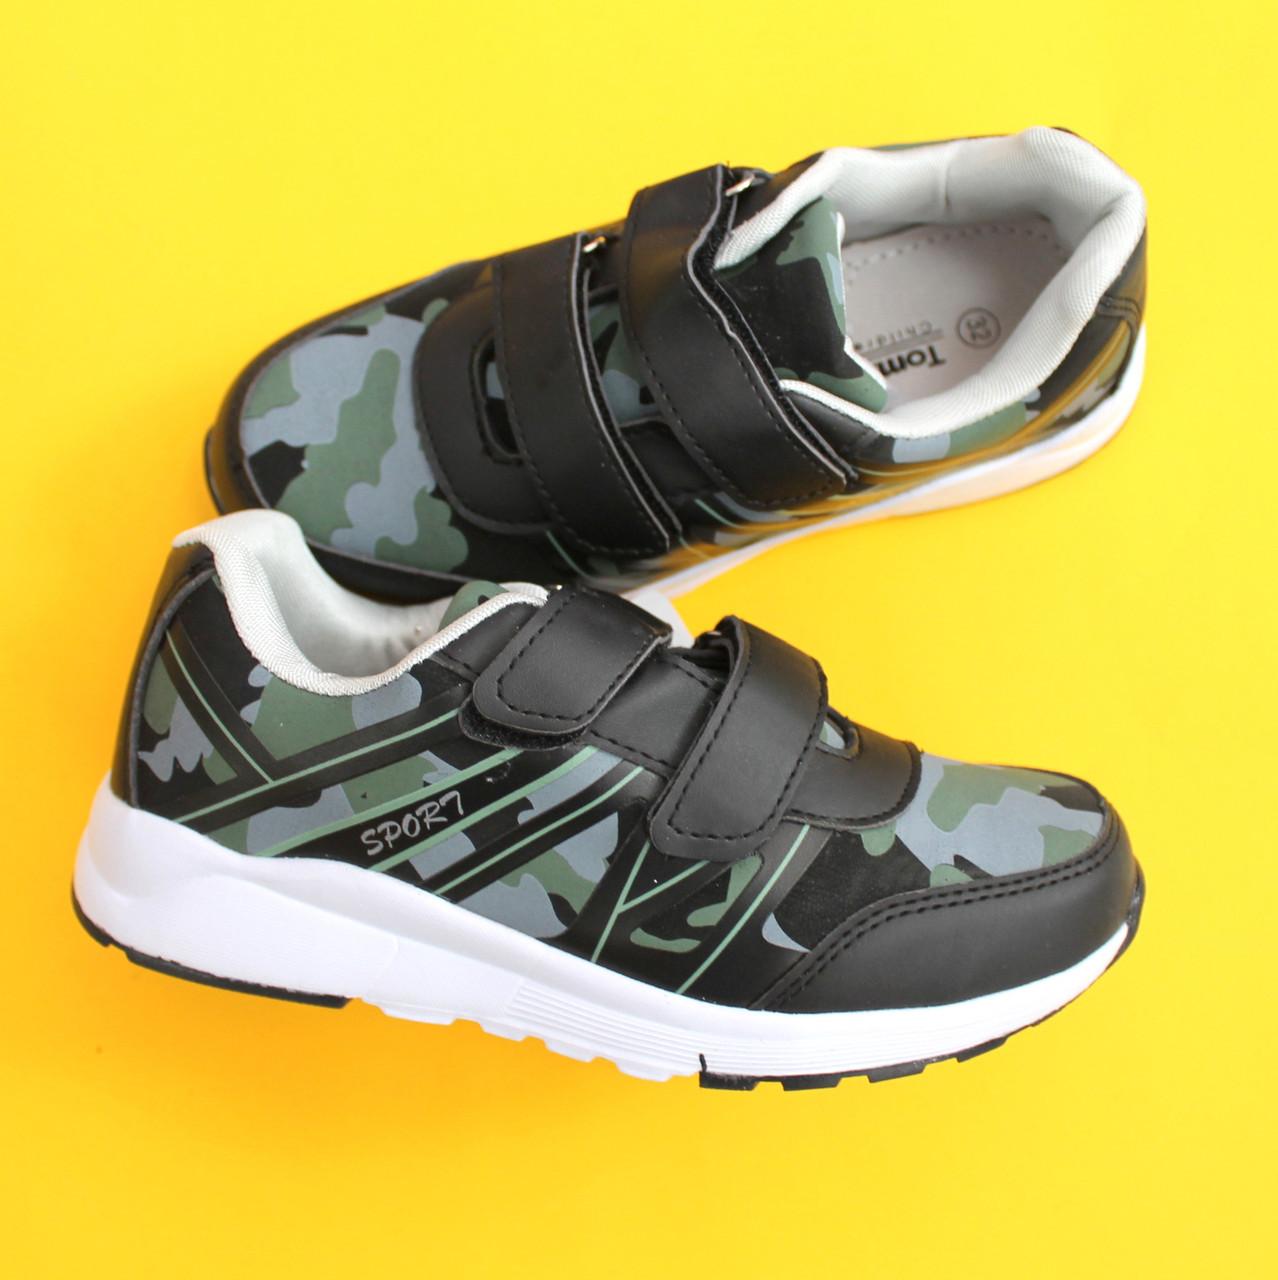 6576ec78 Купить Детские кроссовки для мальчика Камуфляж Tom.m размер 37 в ...